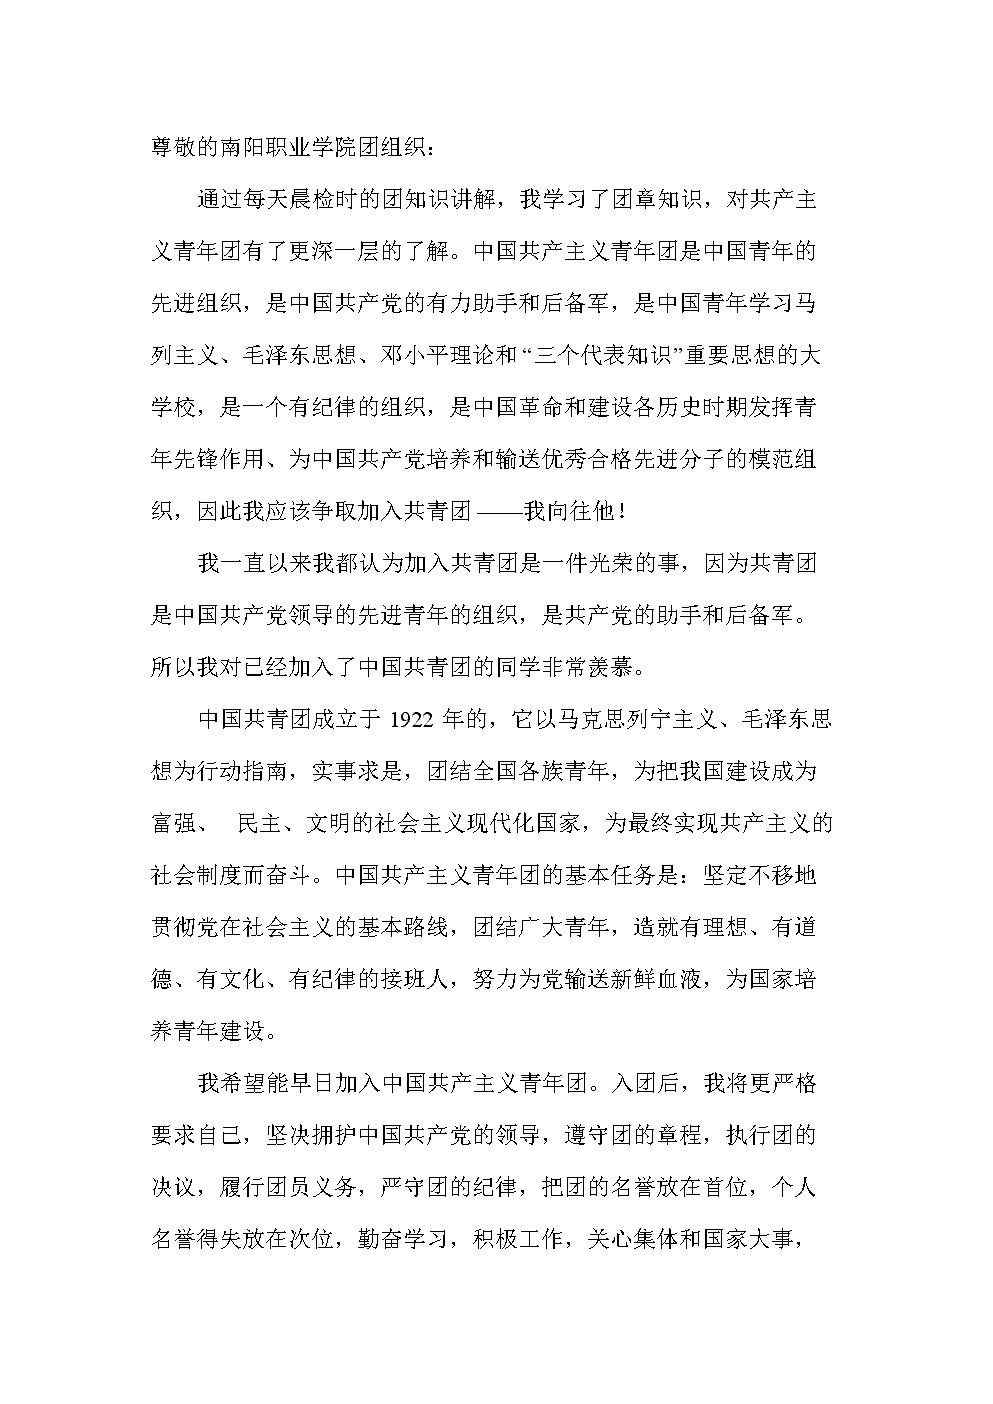 南阳职业学院入团申请书范文示例.doc